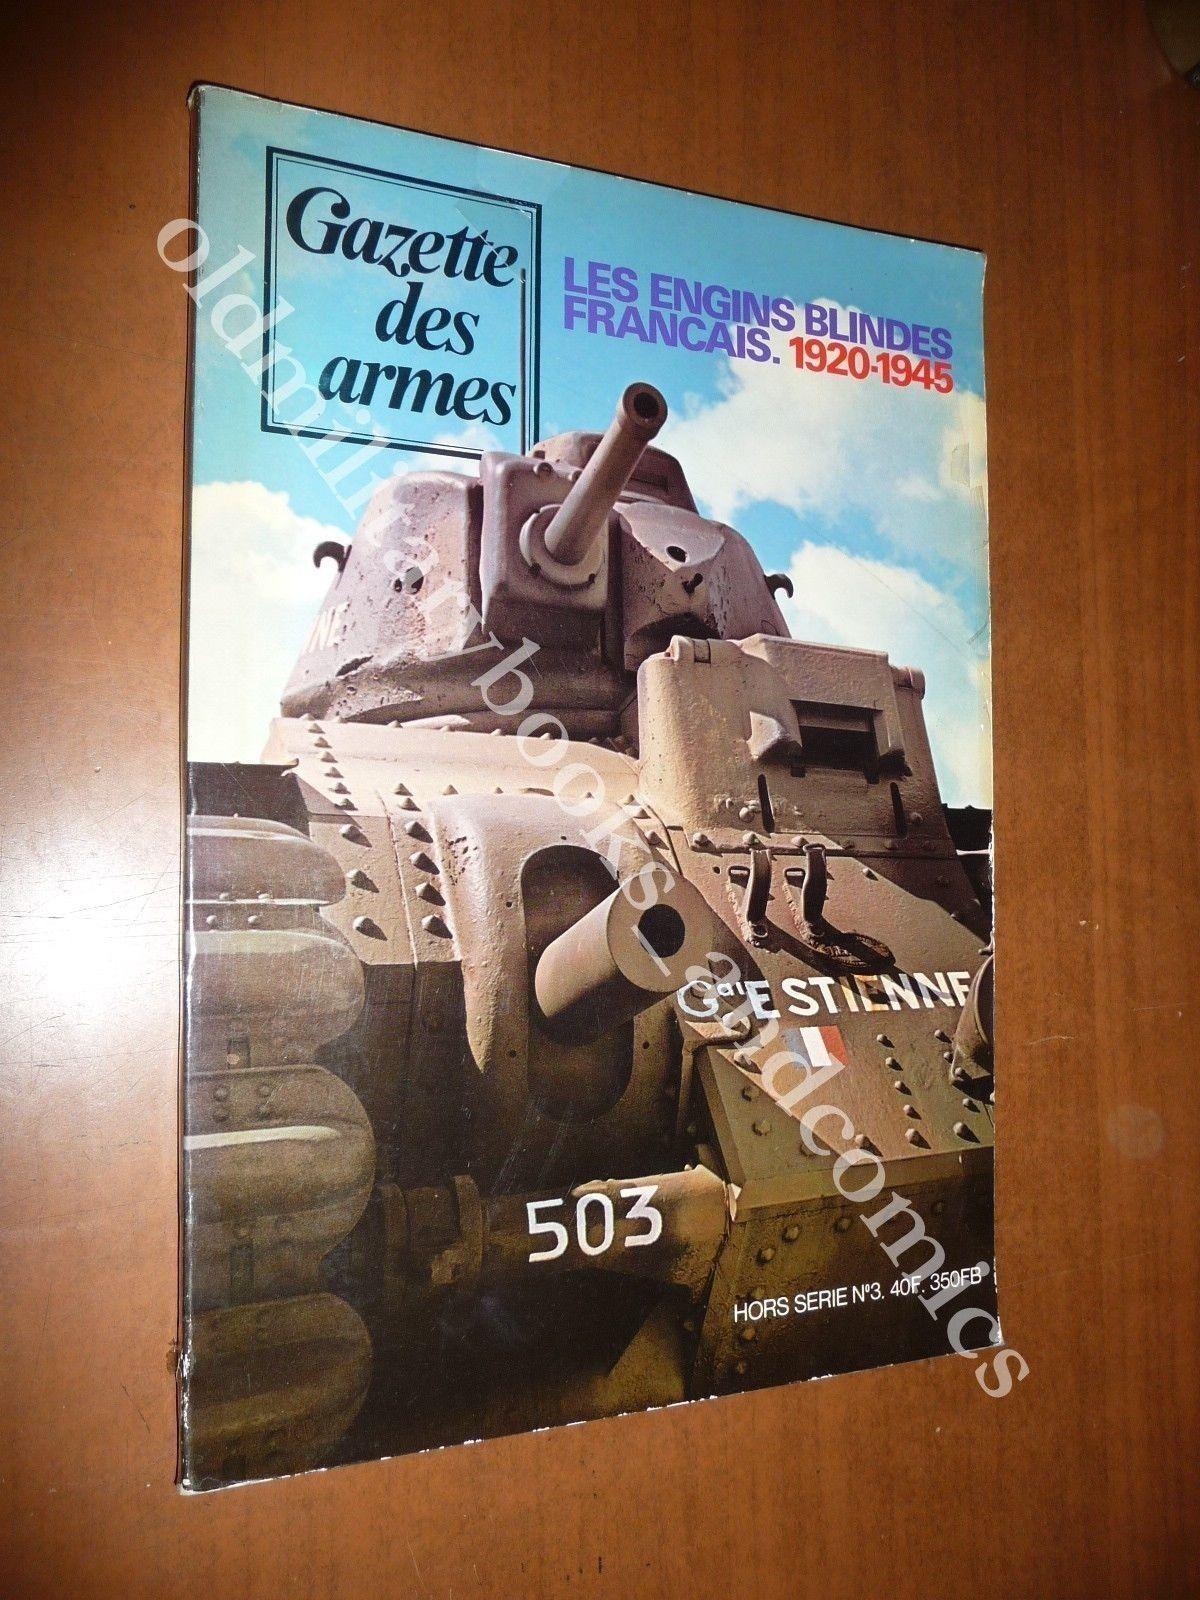 LES ENGINS BLINDES FRANCAIS 1920-1945 PIERRE TOUZIN 1976 CHARS TANK CARRI WWII